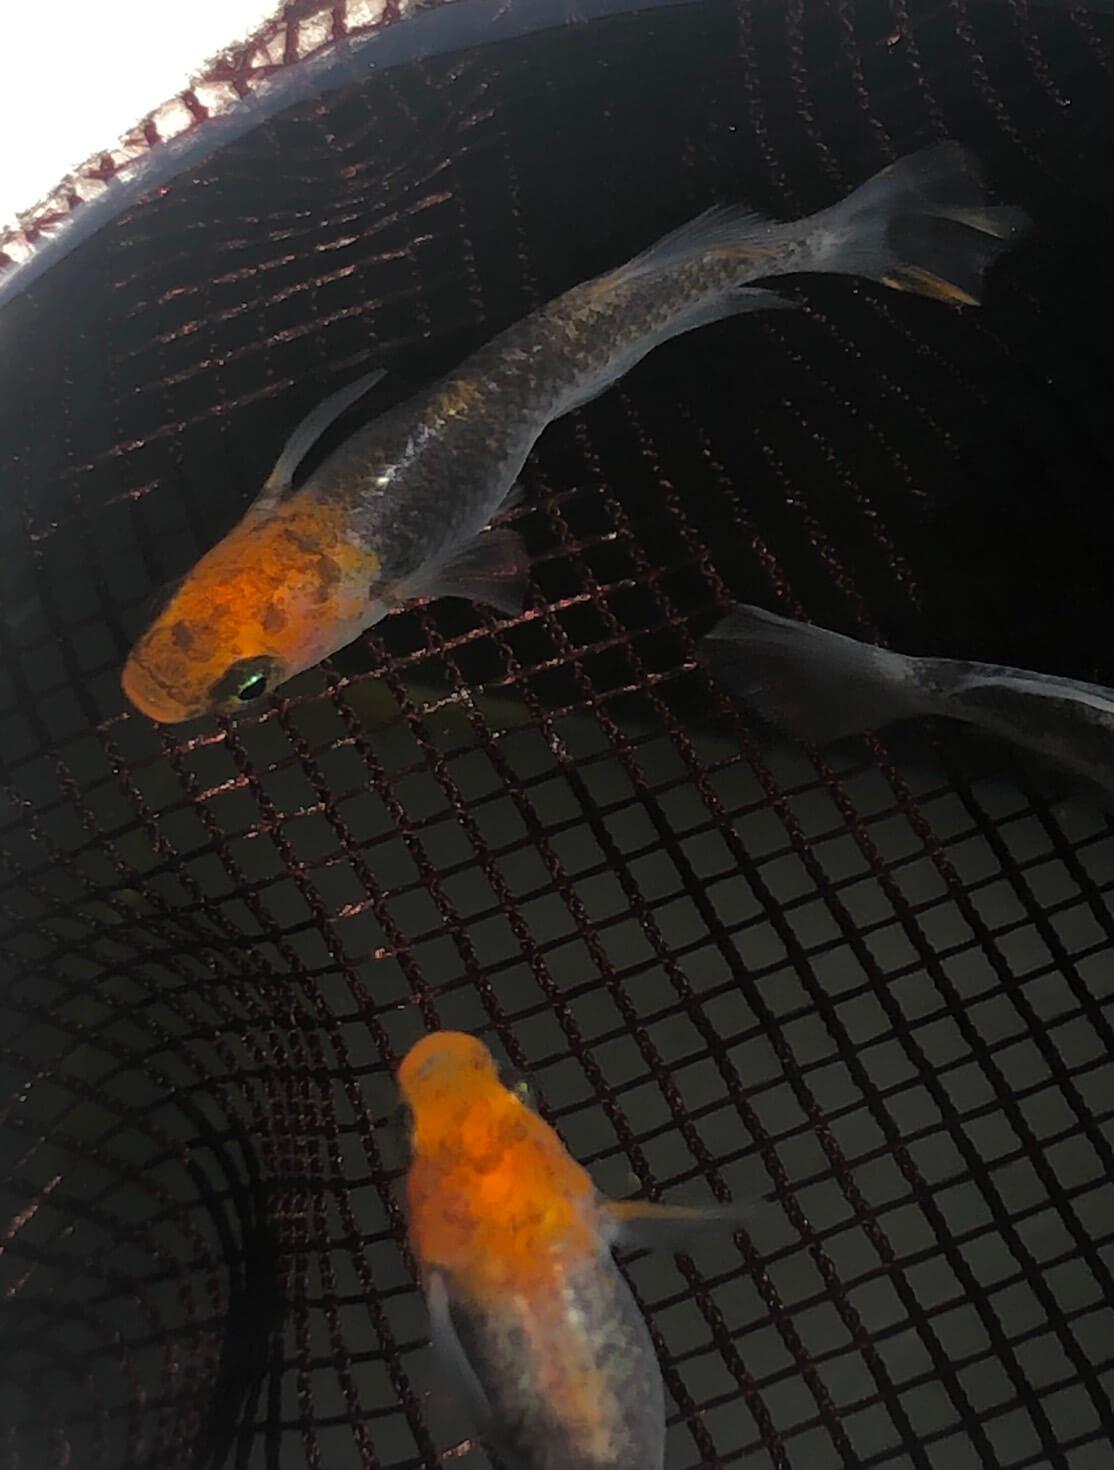 紅薊メダカヒカリ体型の種親(2019年5月)